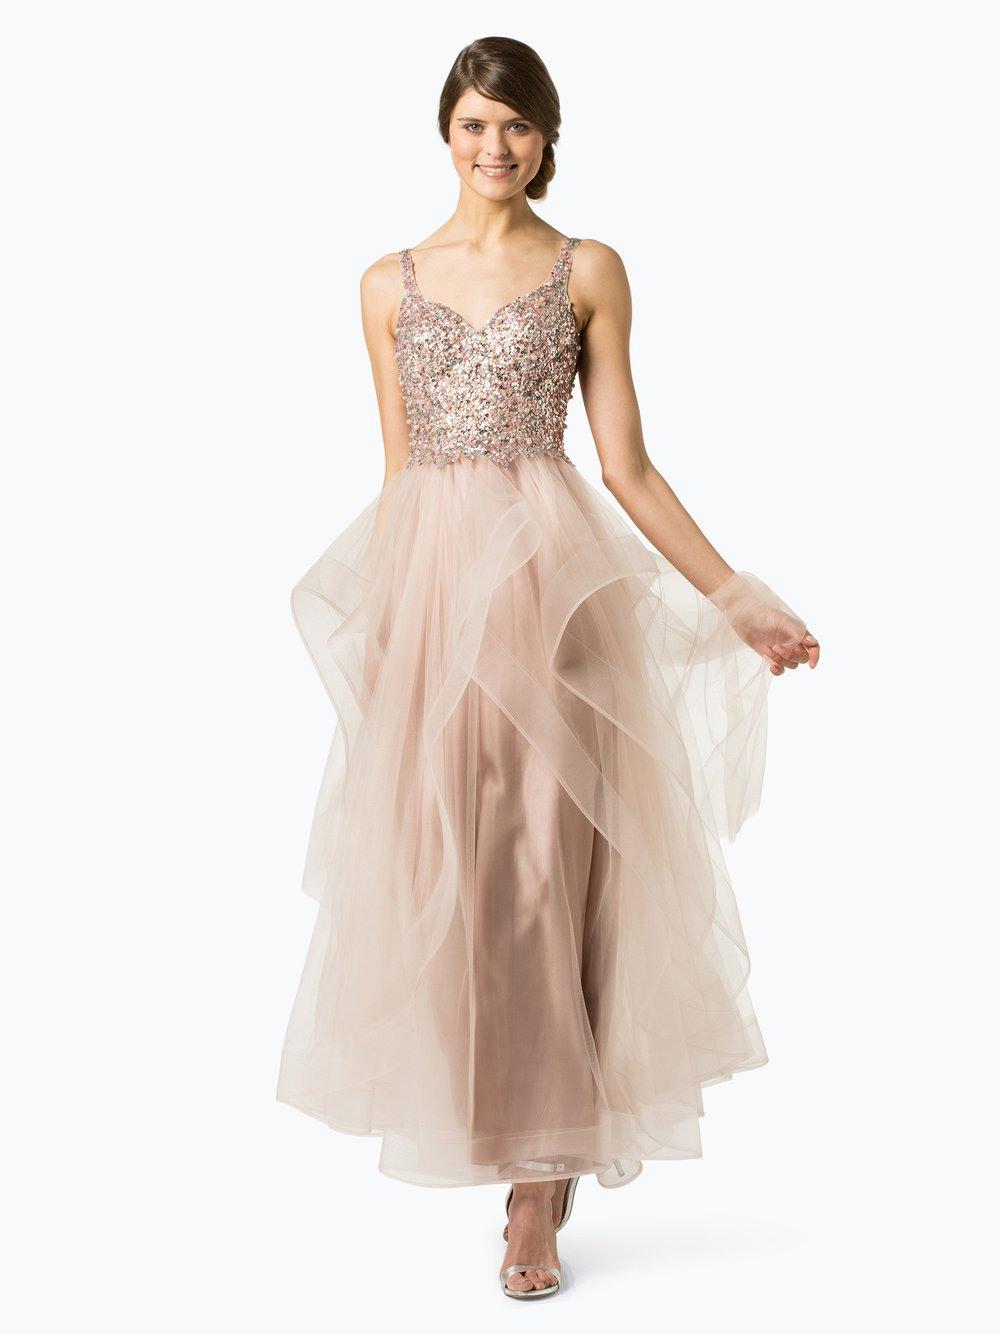 20 Fantastisch Stola Für Abendkleid Design17 Luxurius Stola Für Abendkleid Vertrieb